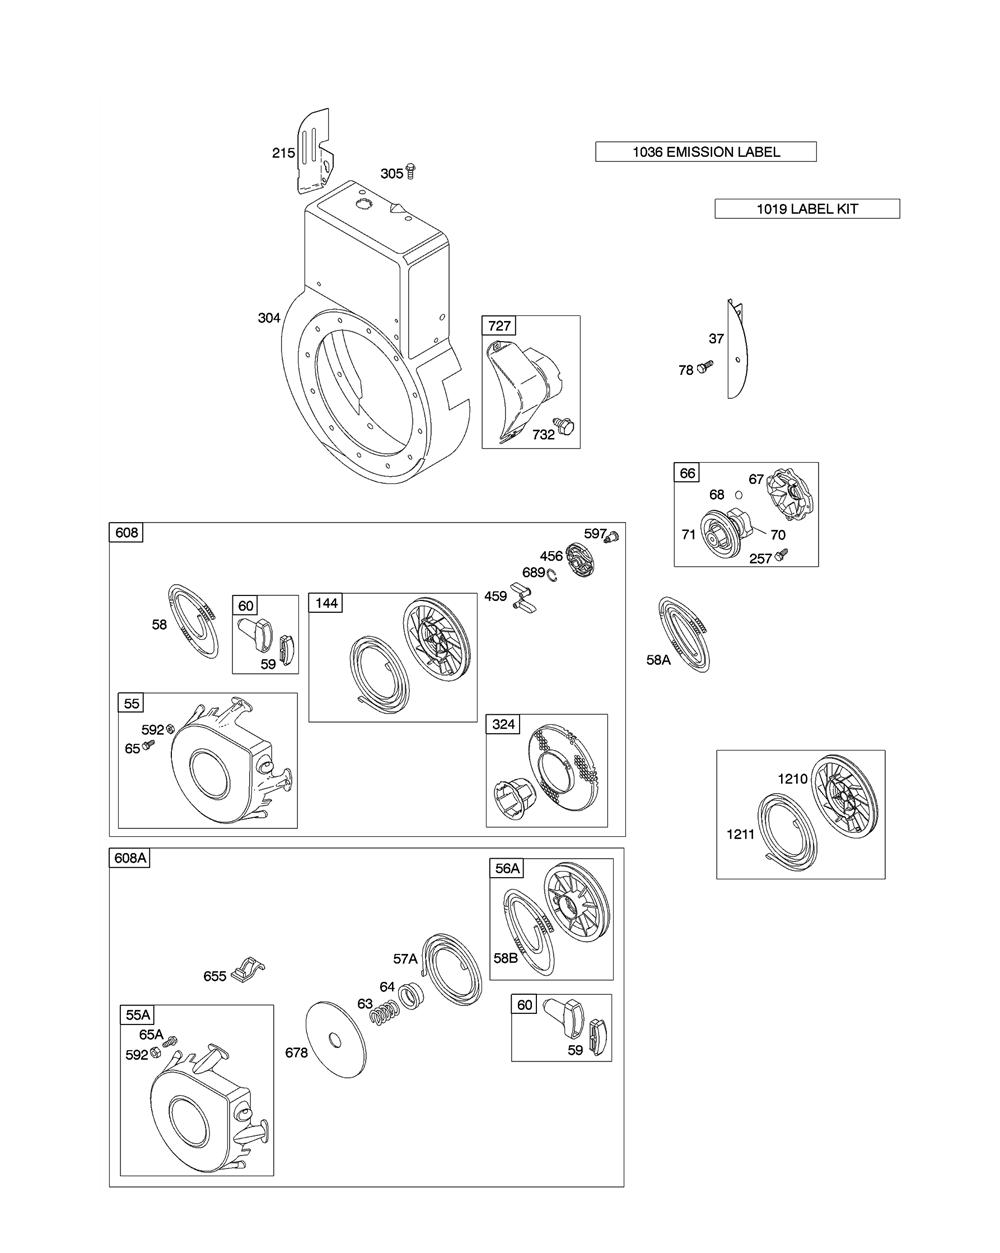 19G412-(1196)-E1-BriggsandStratton-PB-2Break Down